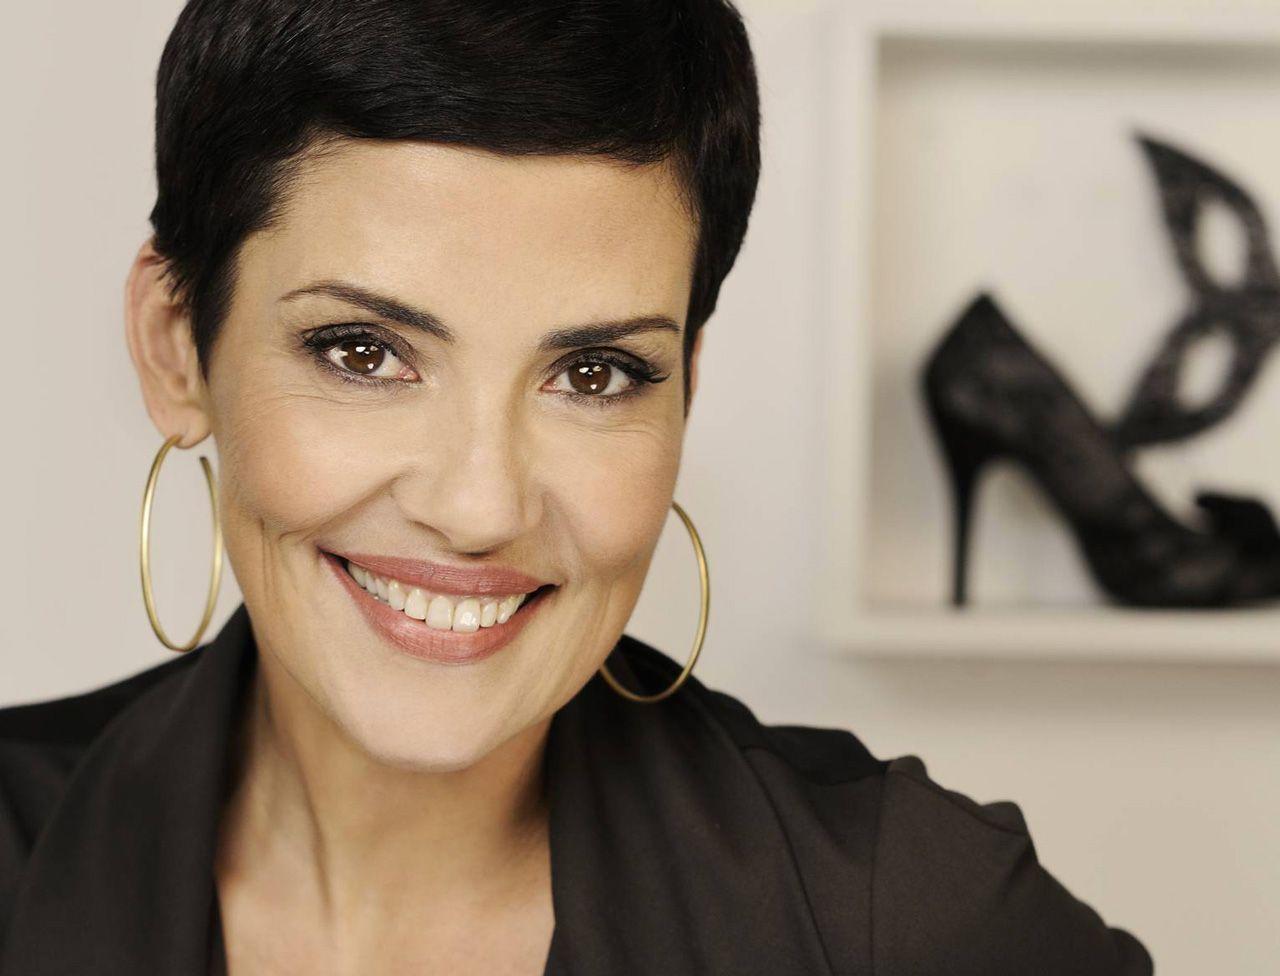 bon ajustement 28860 78cfc L'interview 100 % mode de Cristina Cordula | Cristina ...